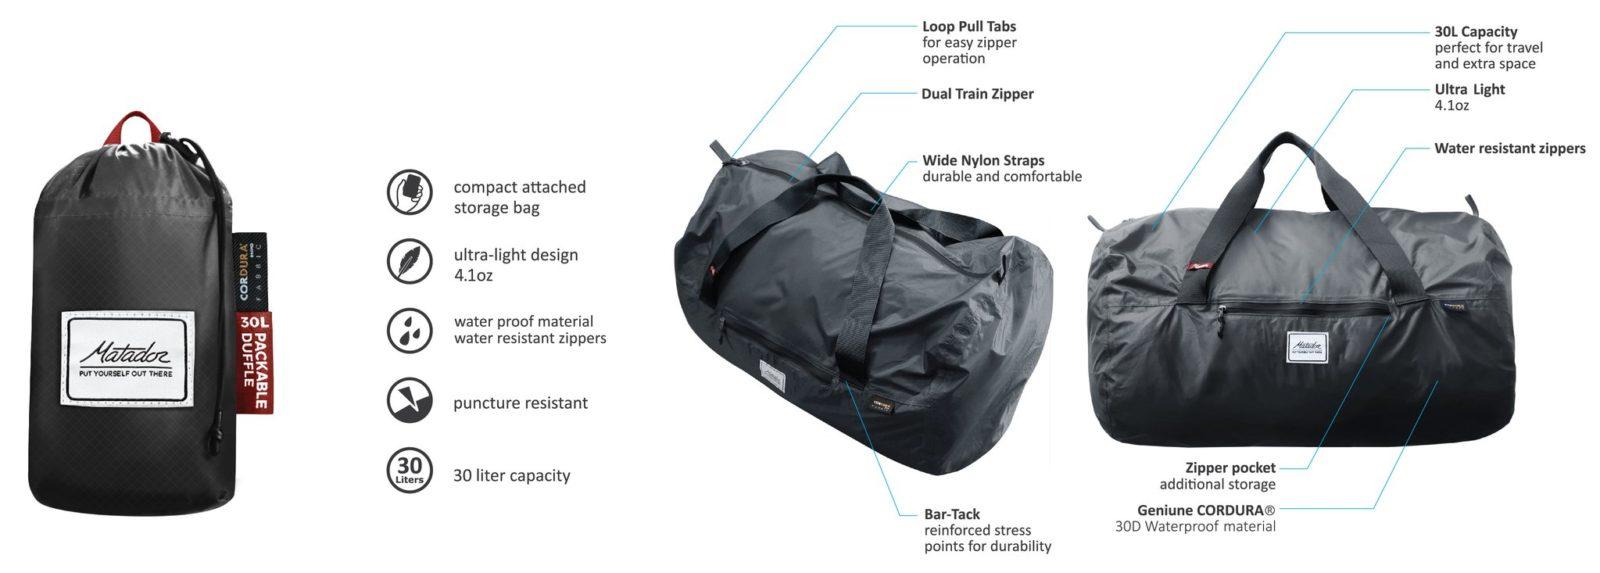 matador sac étanche bag